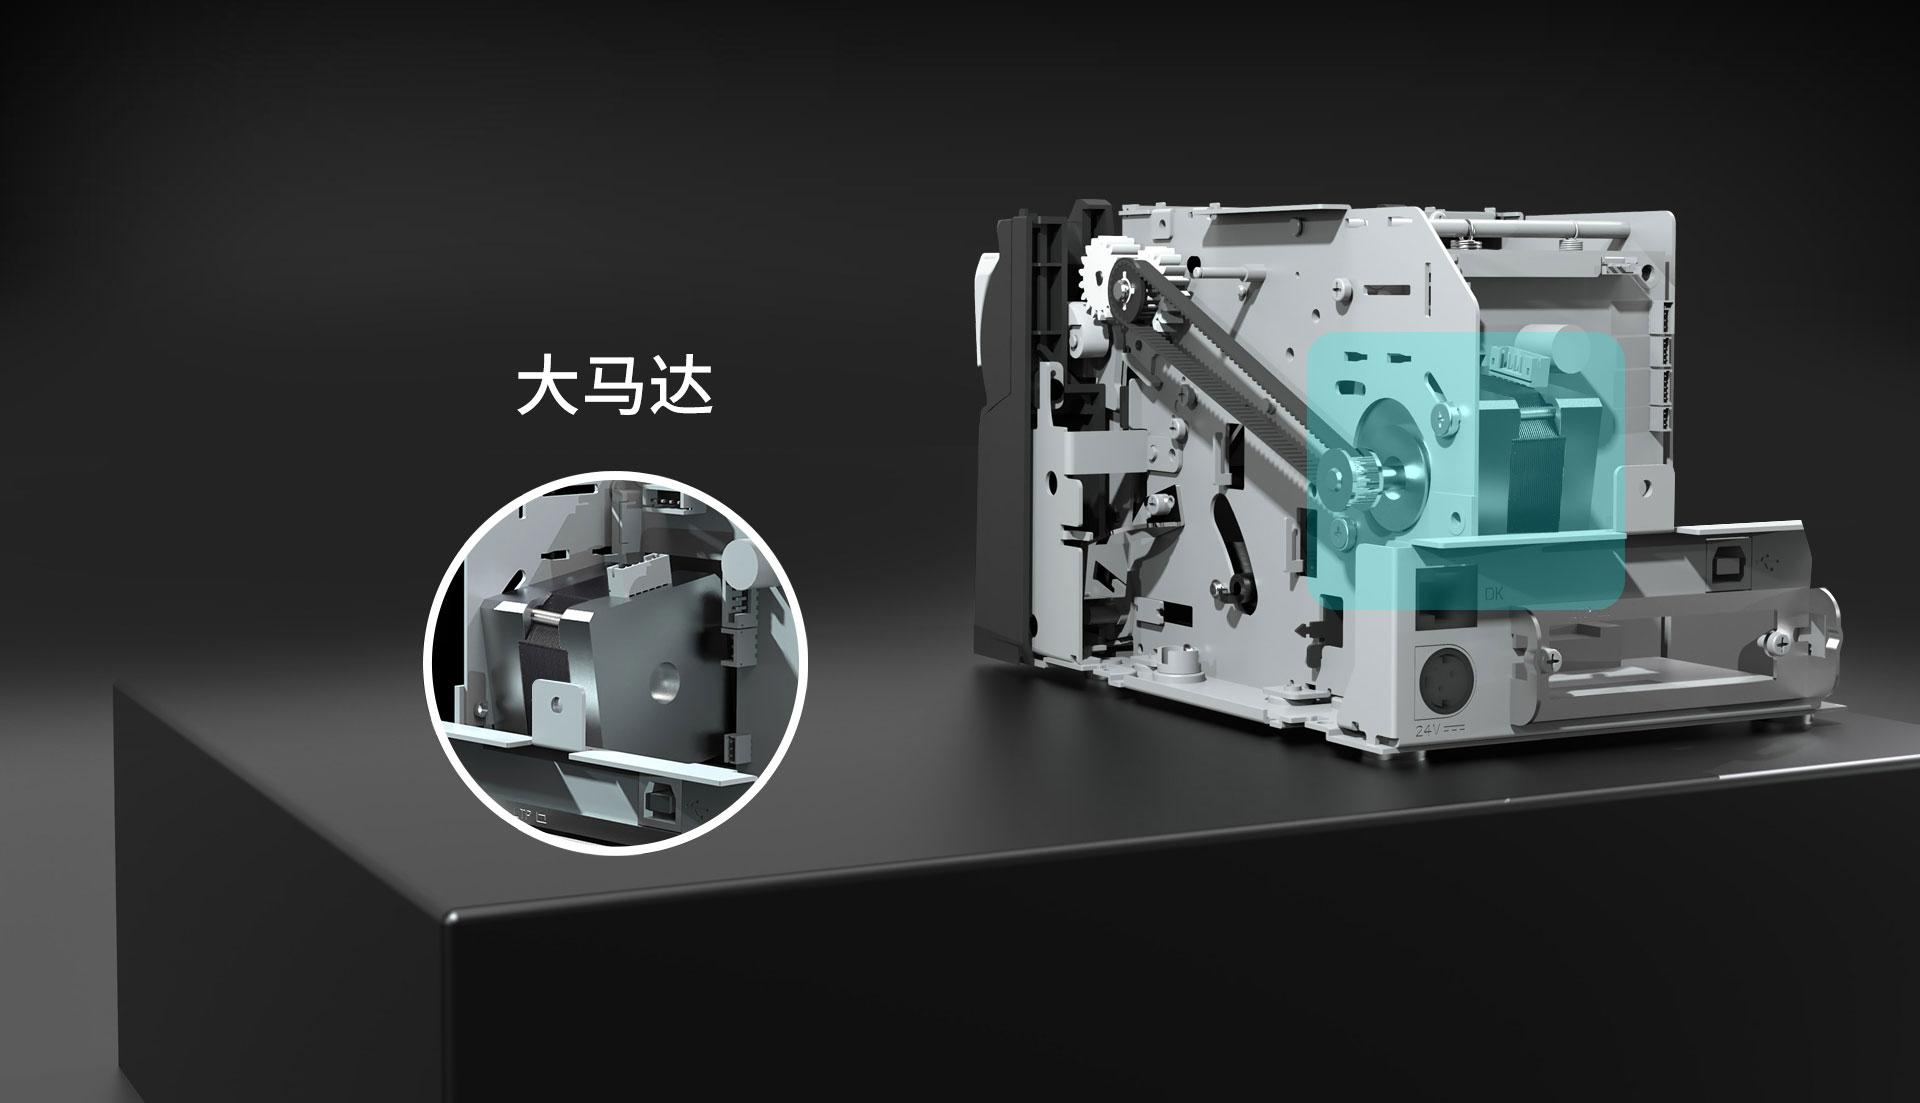 TP801热敏票据打印机  第9张